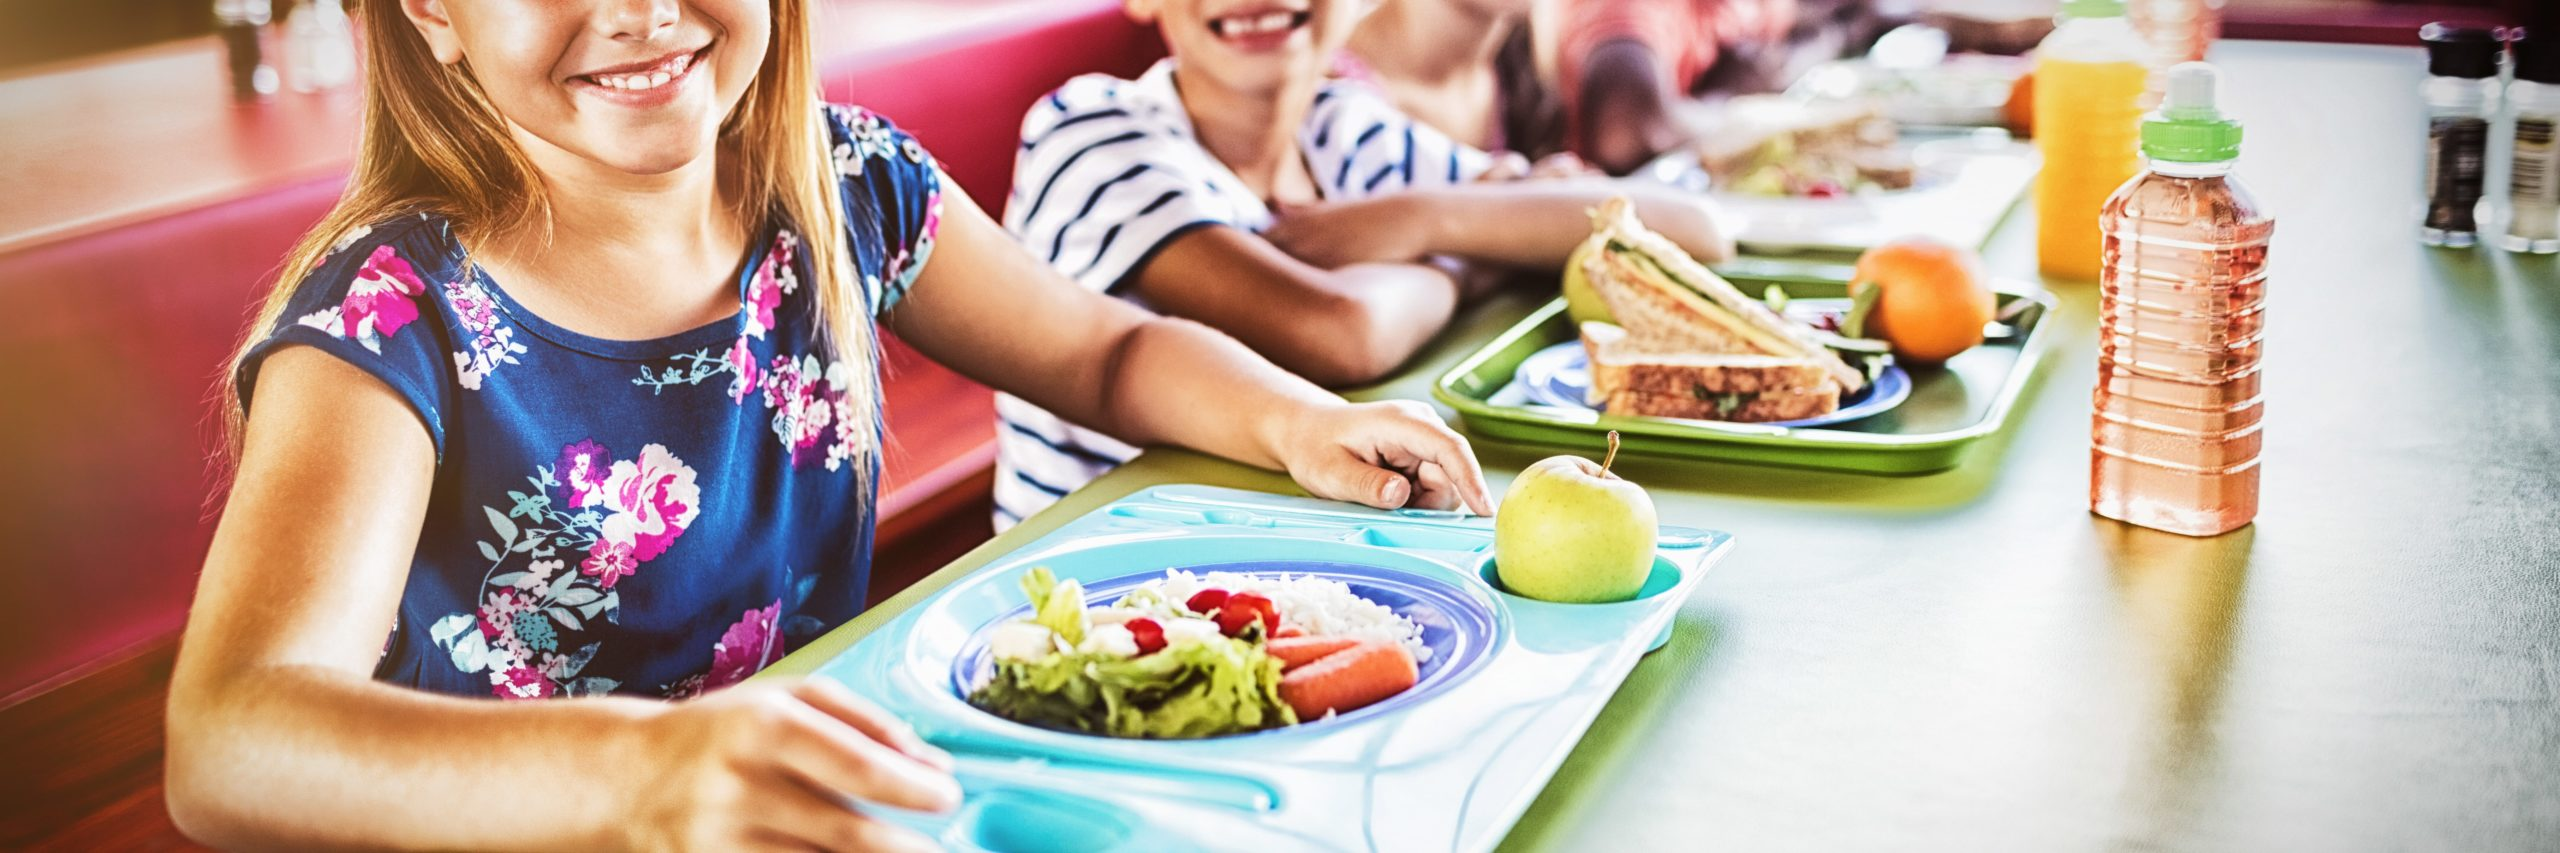 ragis e ristorazione scolastica